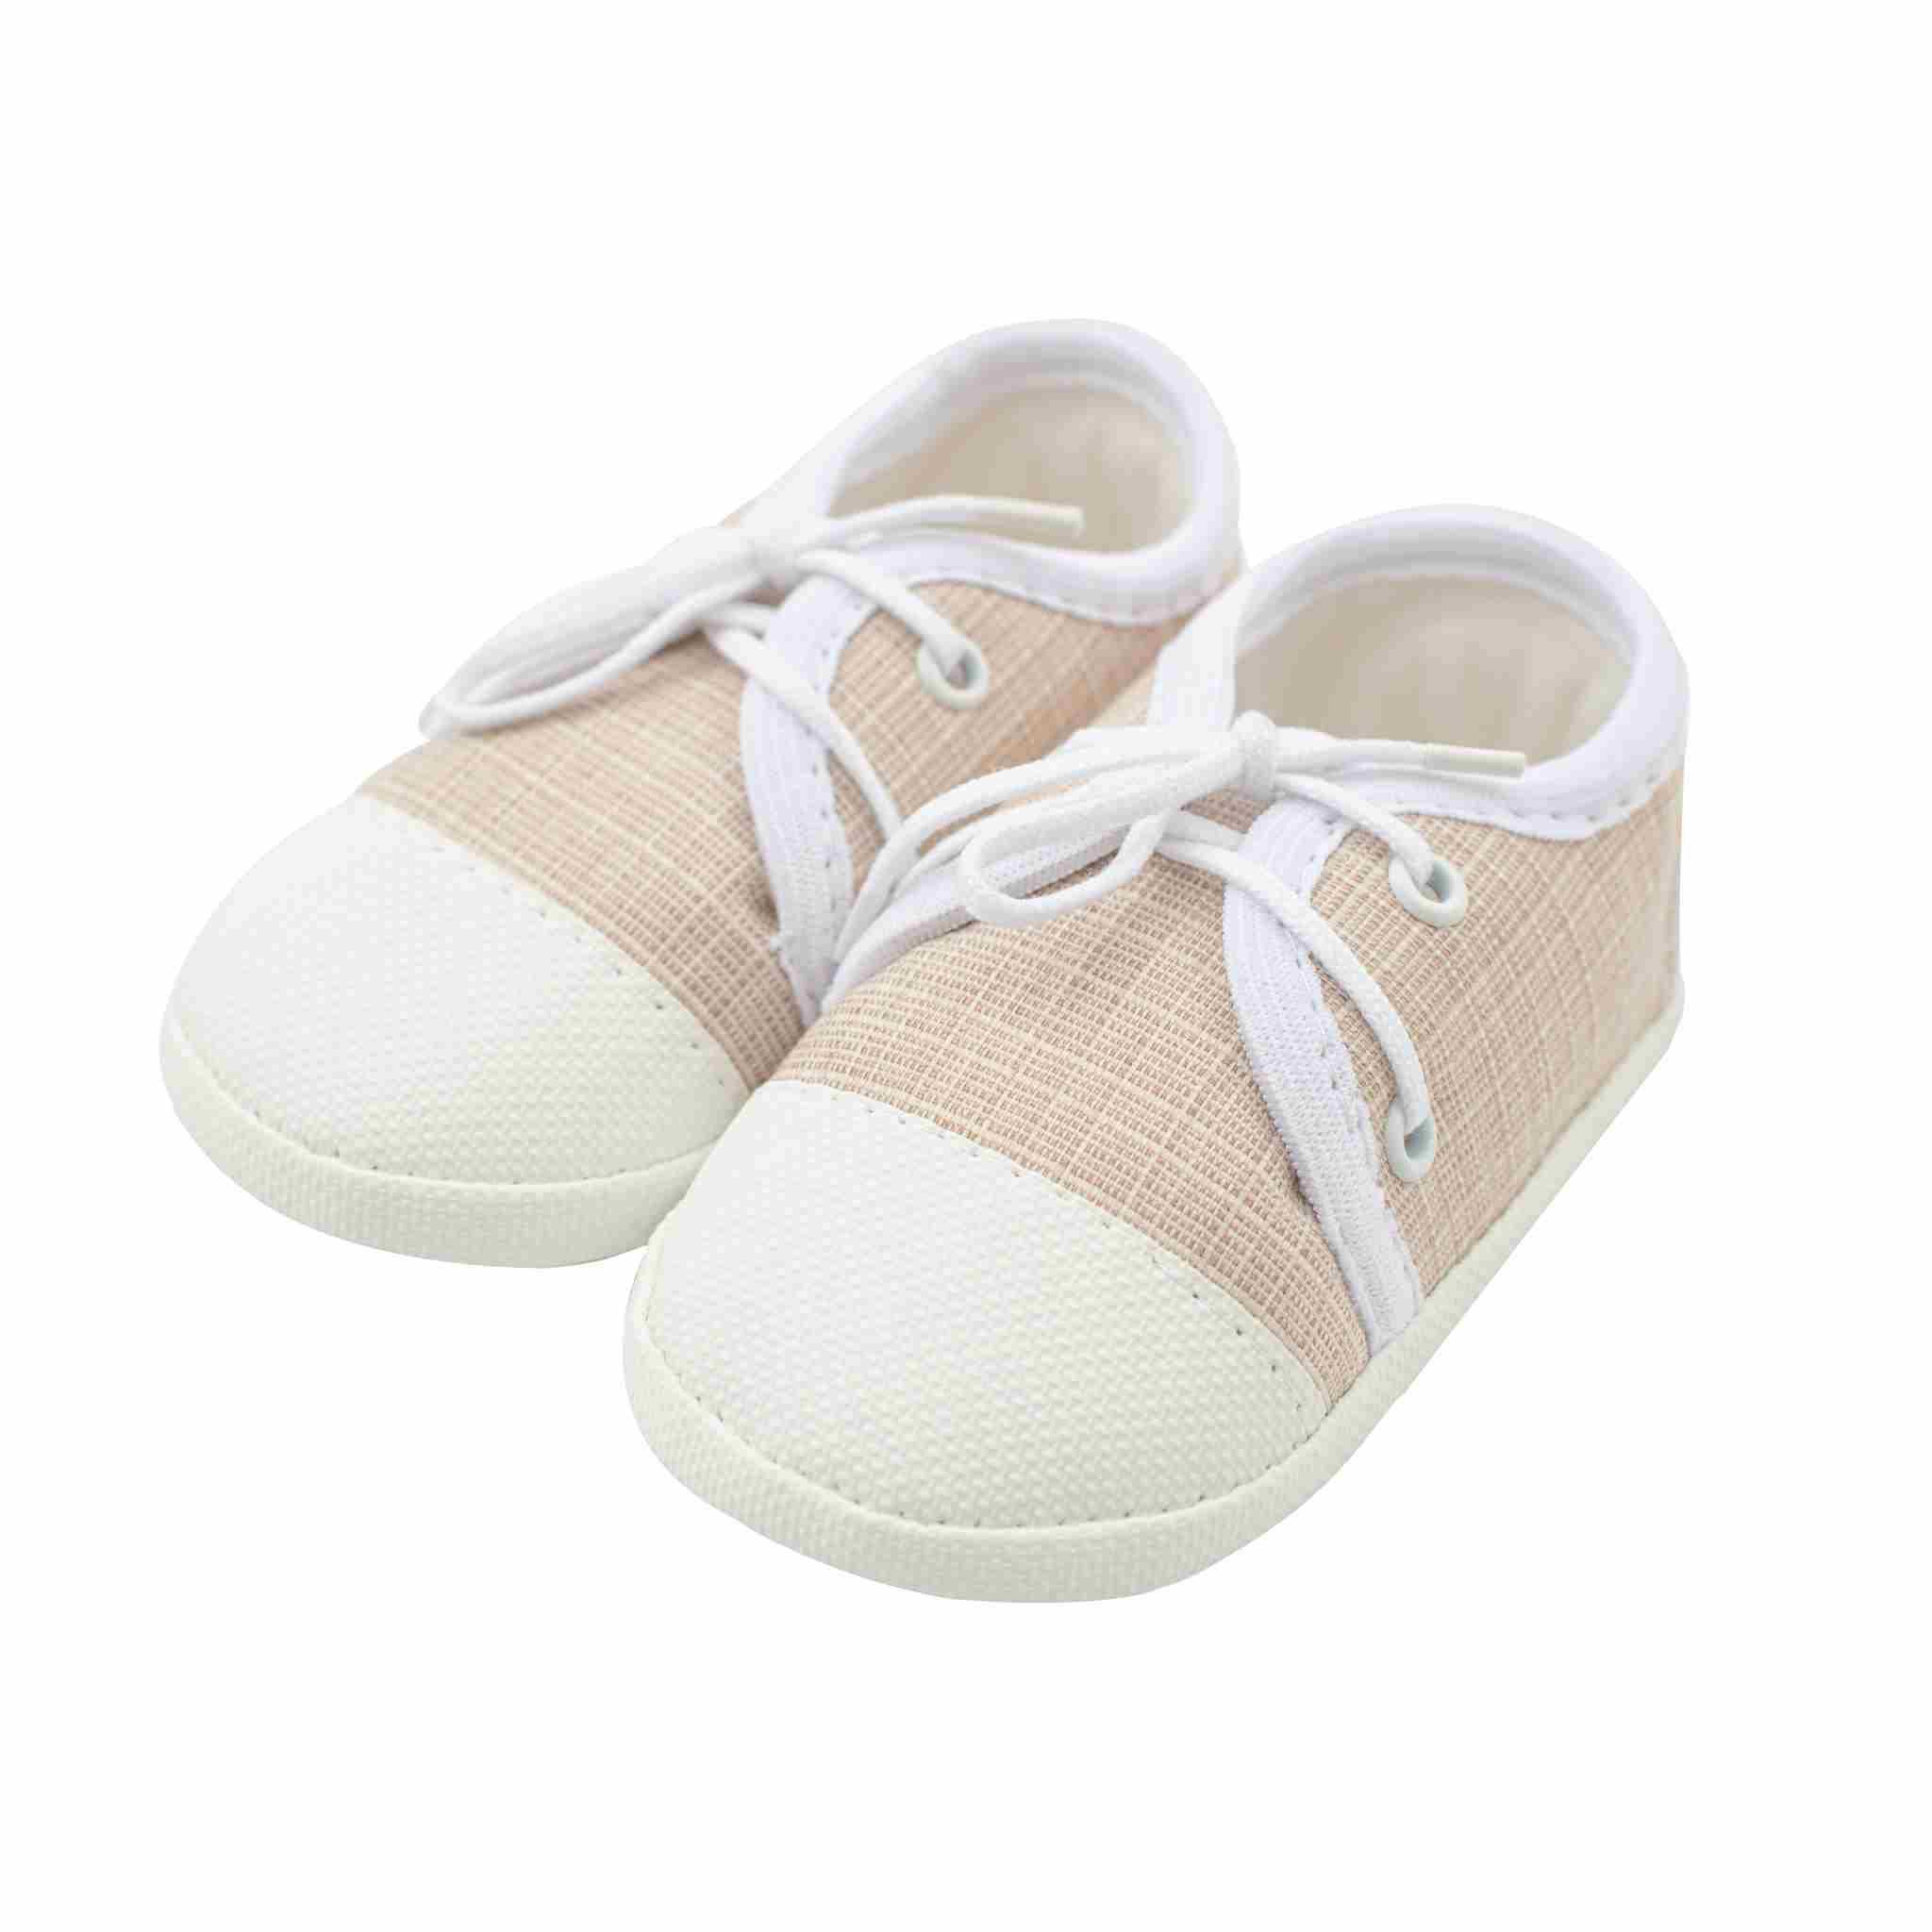 Dojčenské capačky tenisky New Baby jeans béžové 12-18 m